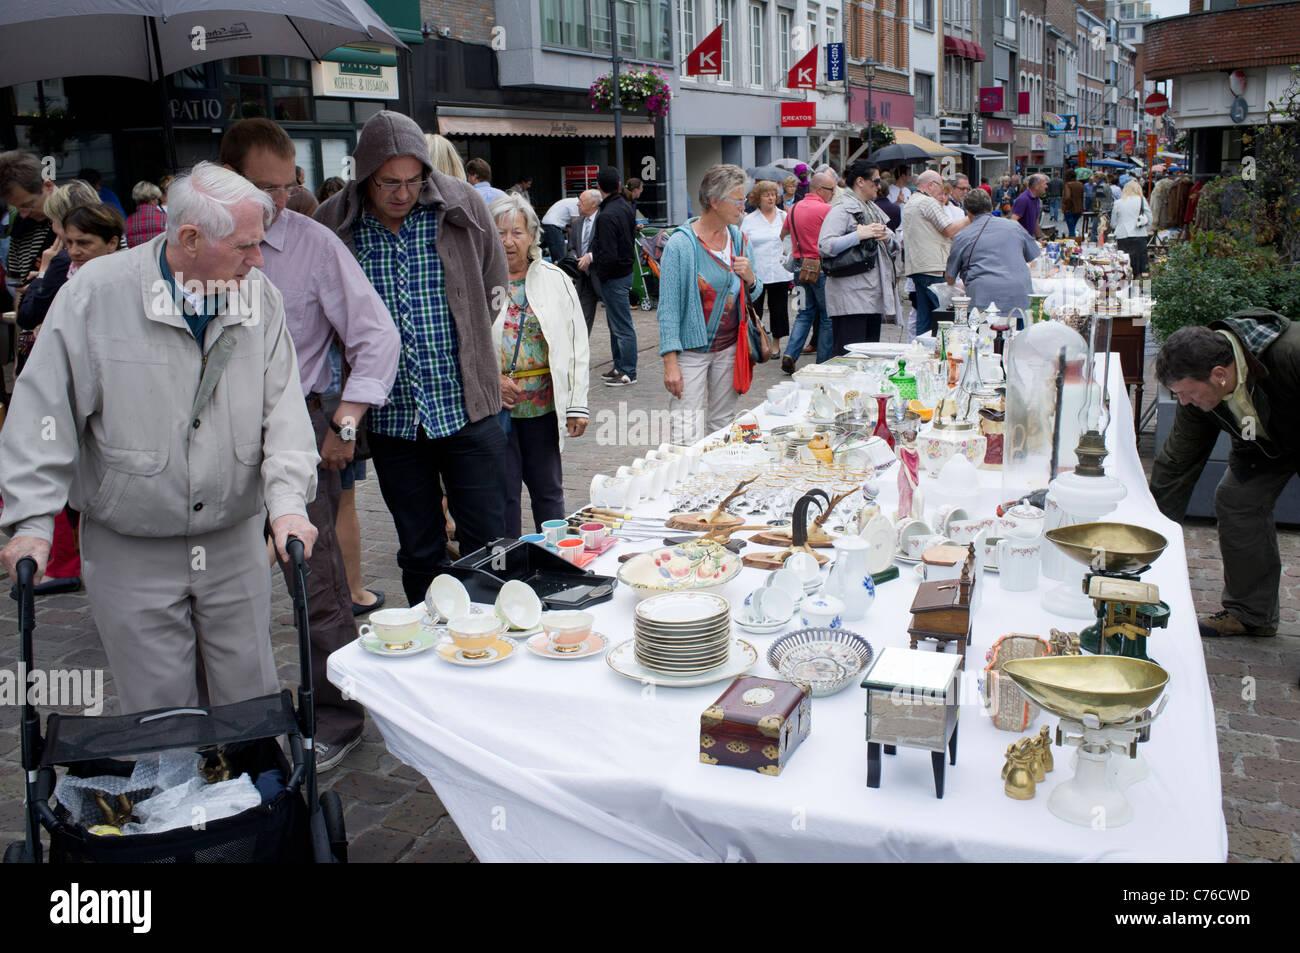 Sunday antiques market on street in Tongeren in Belgium - Stock Image